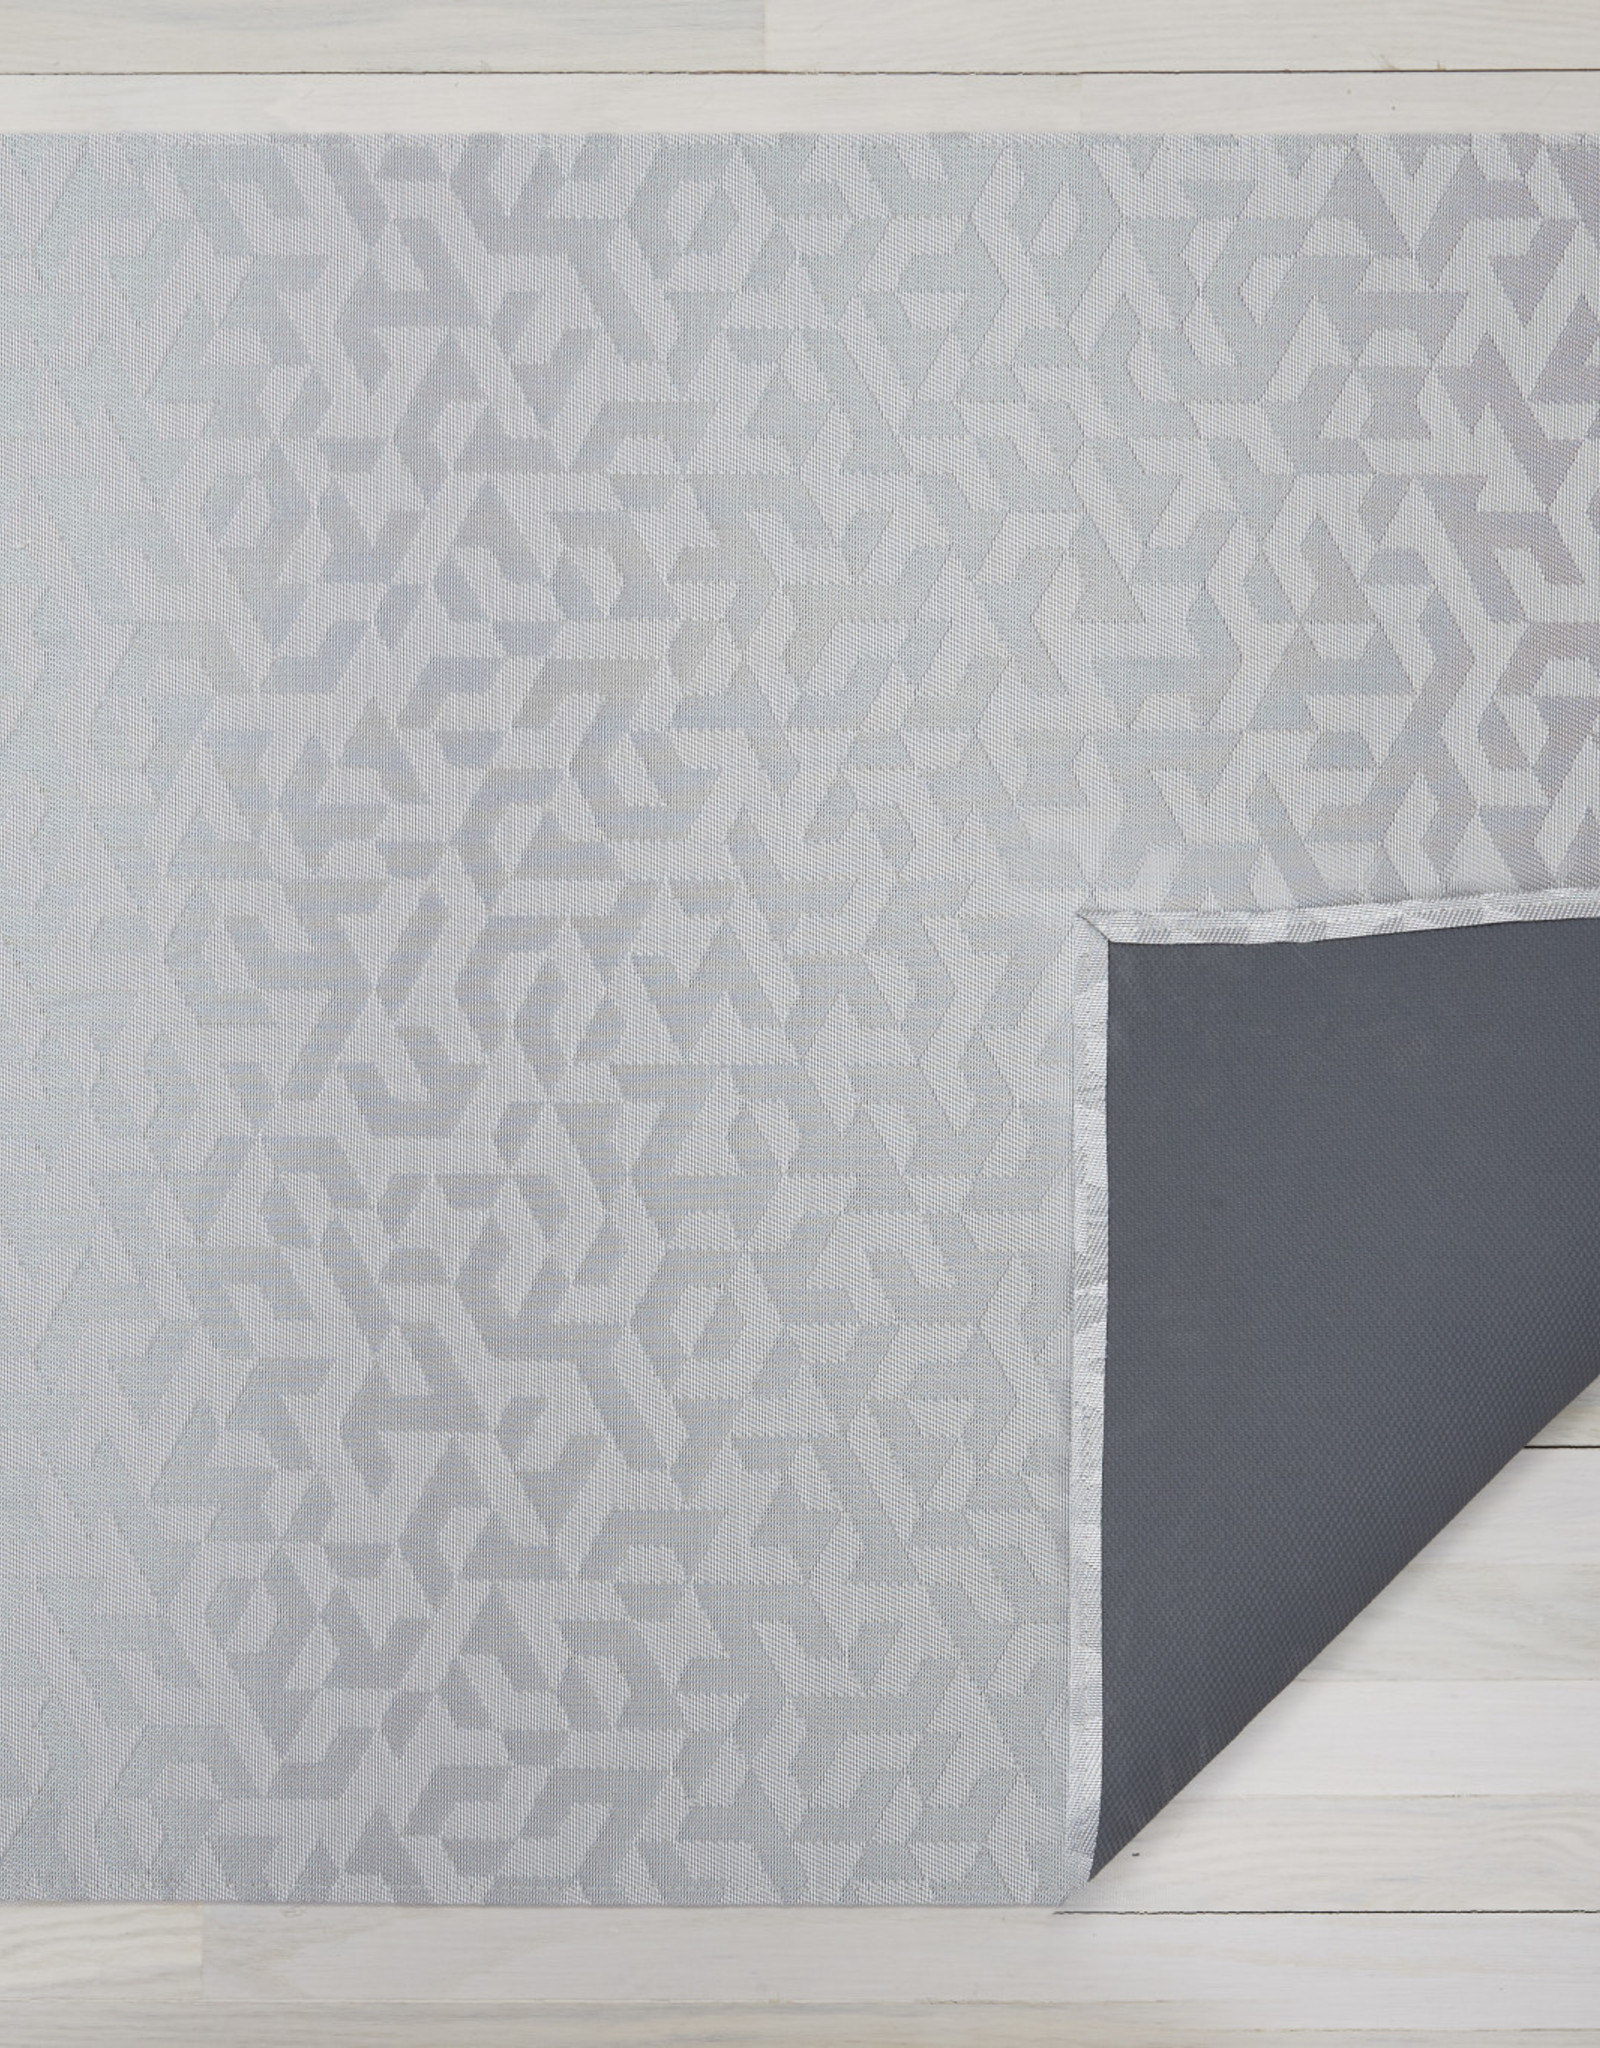 Chilewich Prism Floormat 26 x 72, SILVER